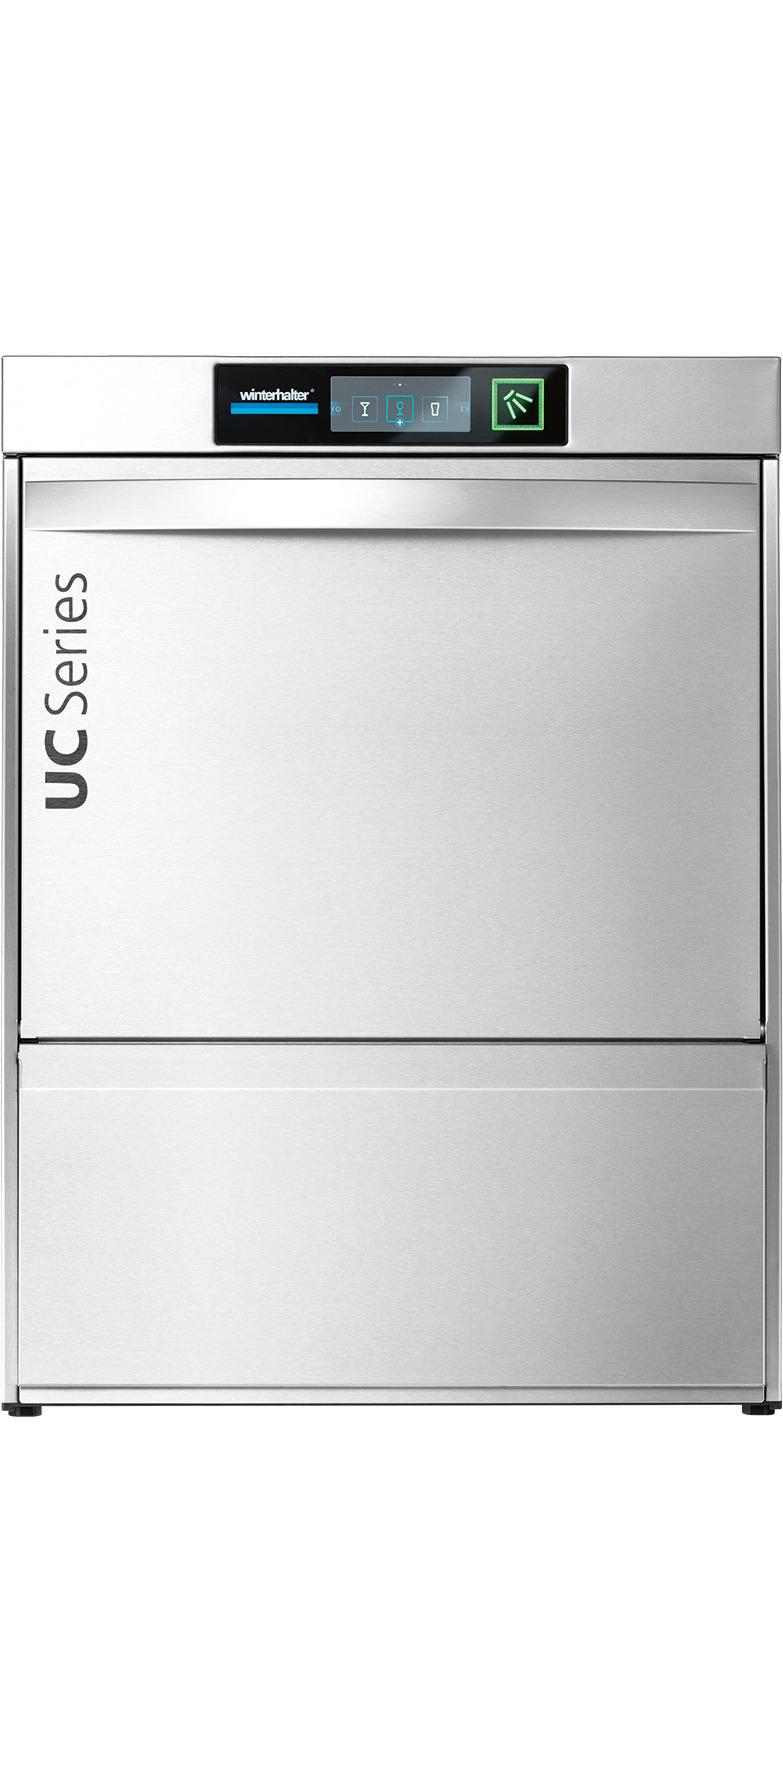 Geschirrspülmaschine UC-XL / 500 x 540mm / mit Enthärter + Chemiebehälter / 400 V